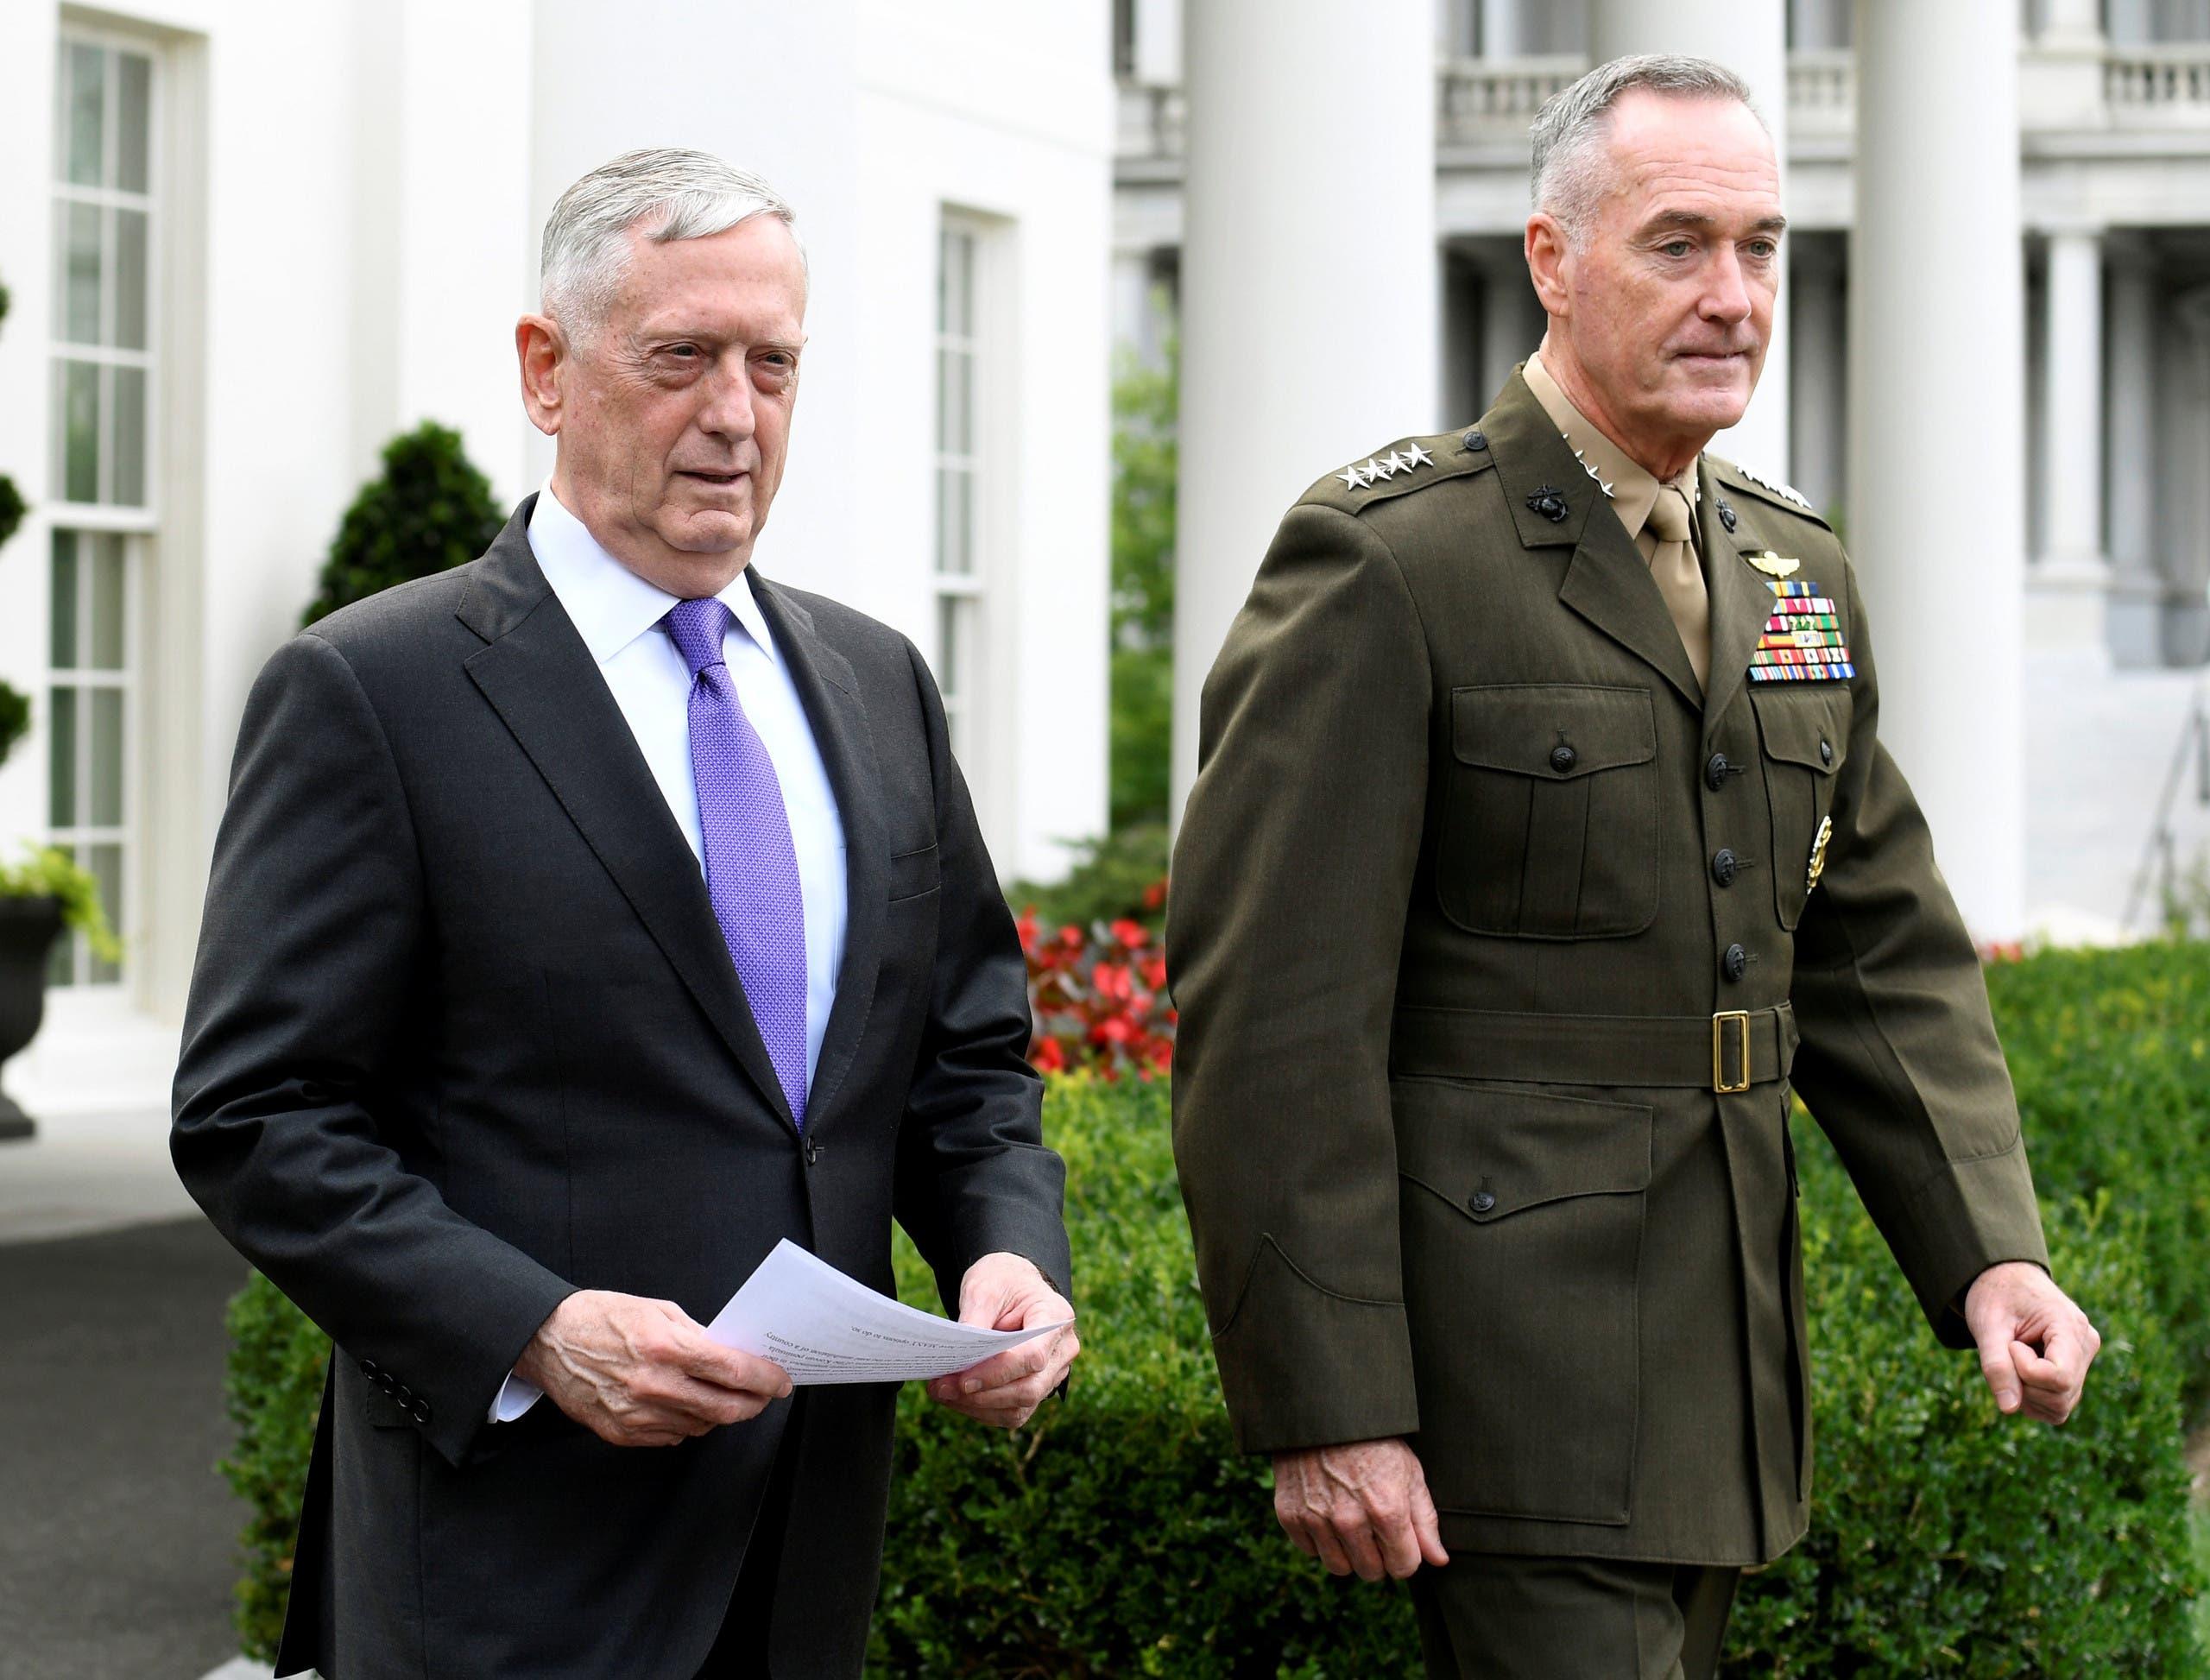 وزير الدفاع الأميركي جيمس ماتيس ورئيس هيئة الأركان الجنرال جوزيف دانفورد في المؤتمر الصحافي الذي عقده البيت الأبيض الأحد الماضي